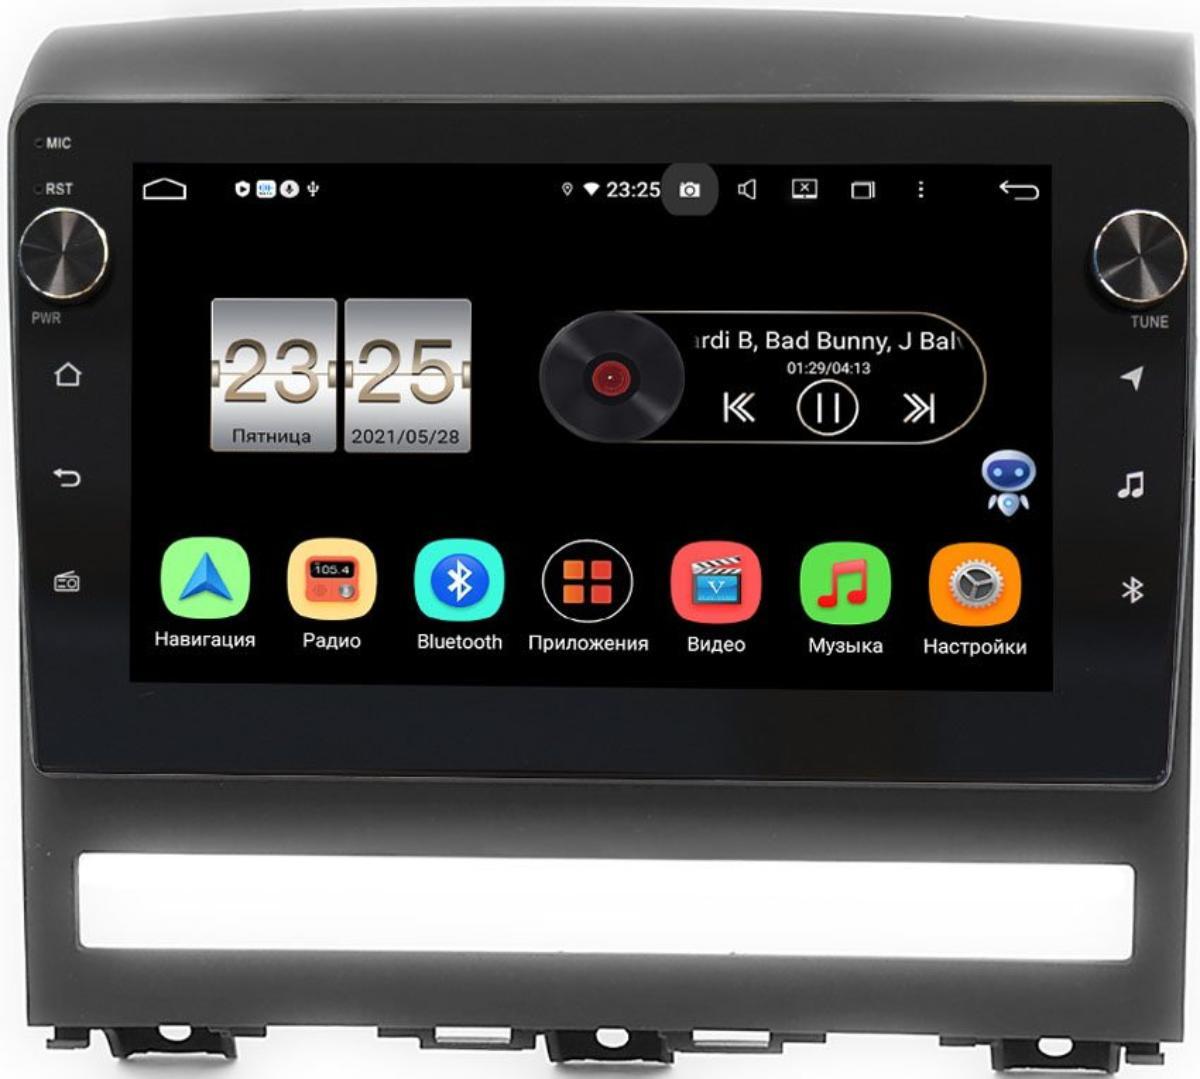 Штатная магнитола LeTrun BPX409-9266 для Fiat Albea, Idea, Palio II, Siena 1996-2017 на Android 10 (4/32, DSP, IPS, с голосовым ассистентом, с крутилками) (+ Камера заднего вида в подарок!)